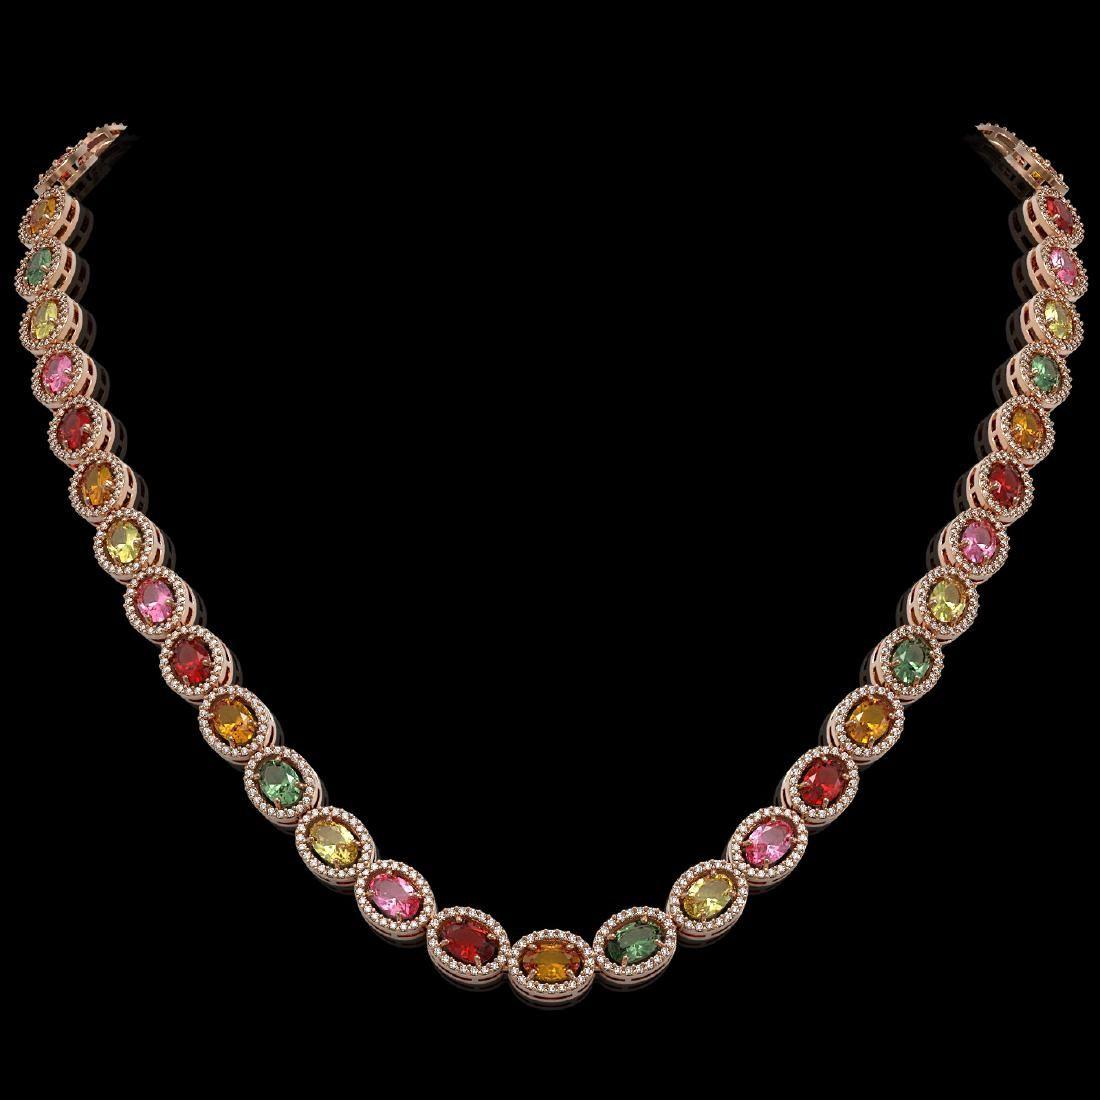 31.96 CTW Multi Color Sapphire & Diamond Necklace 10K